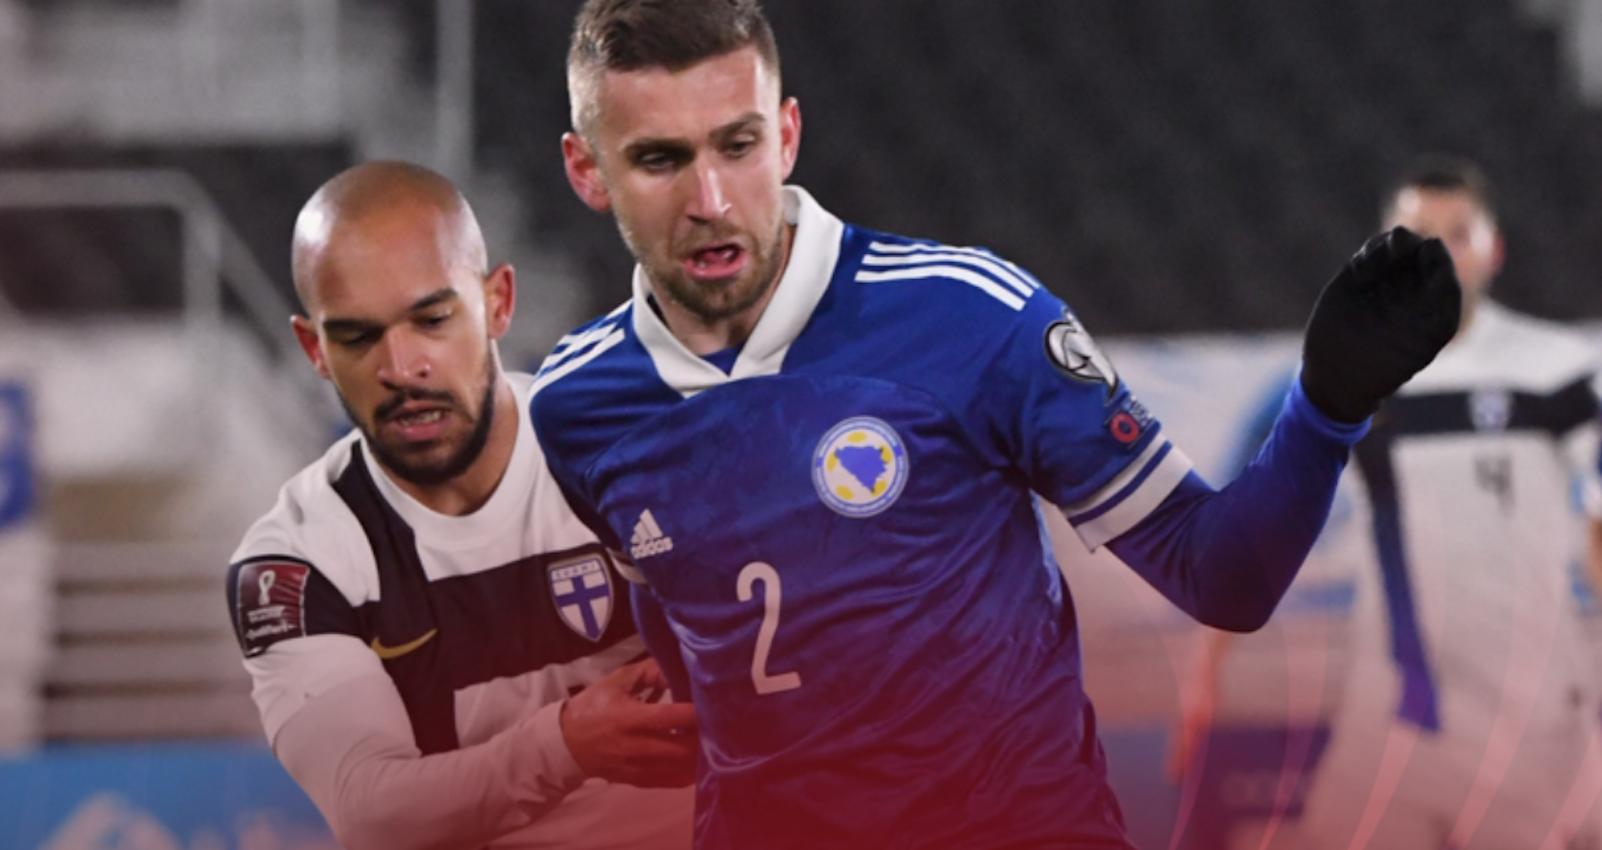 Alho sokat tett a finn gólért, Mijatovicék idegenben nyertek (videó)